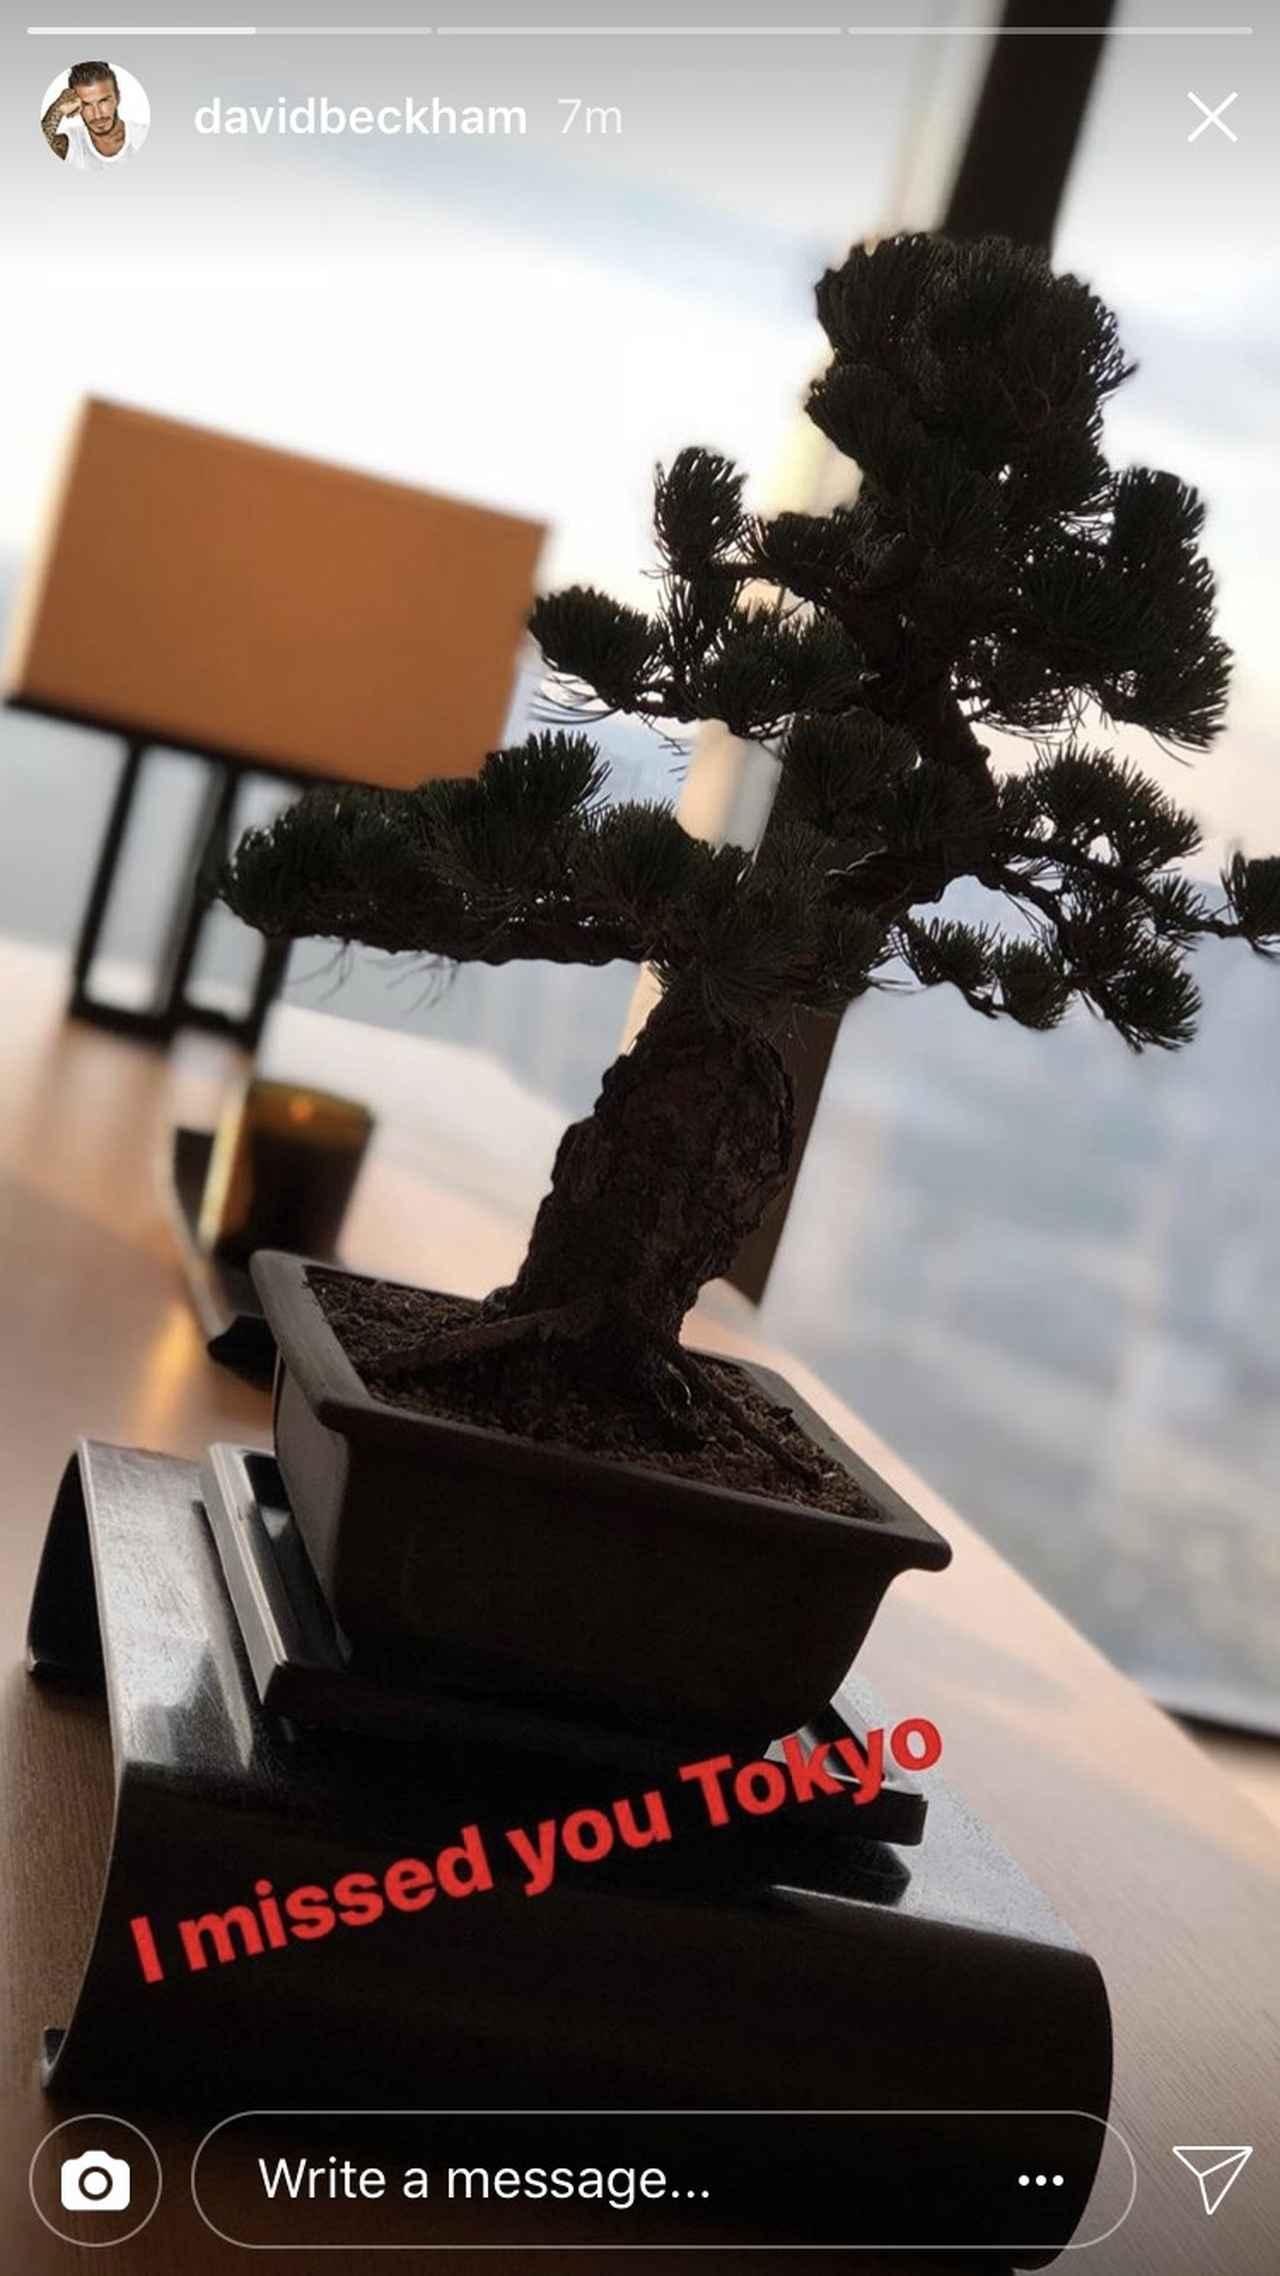 画像1: 「東京が恋しかったよ」デヴィッド・ベッカム来日中!早速日本を堪能